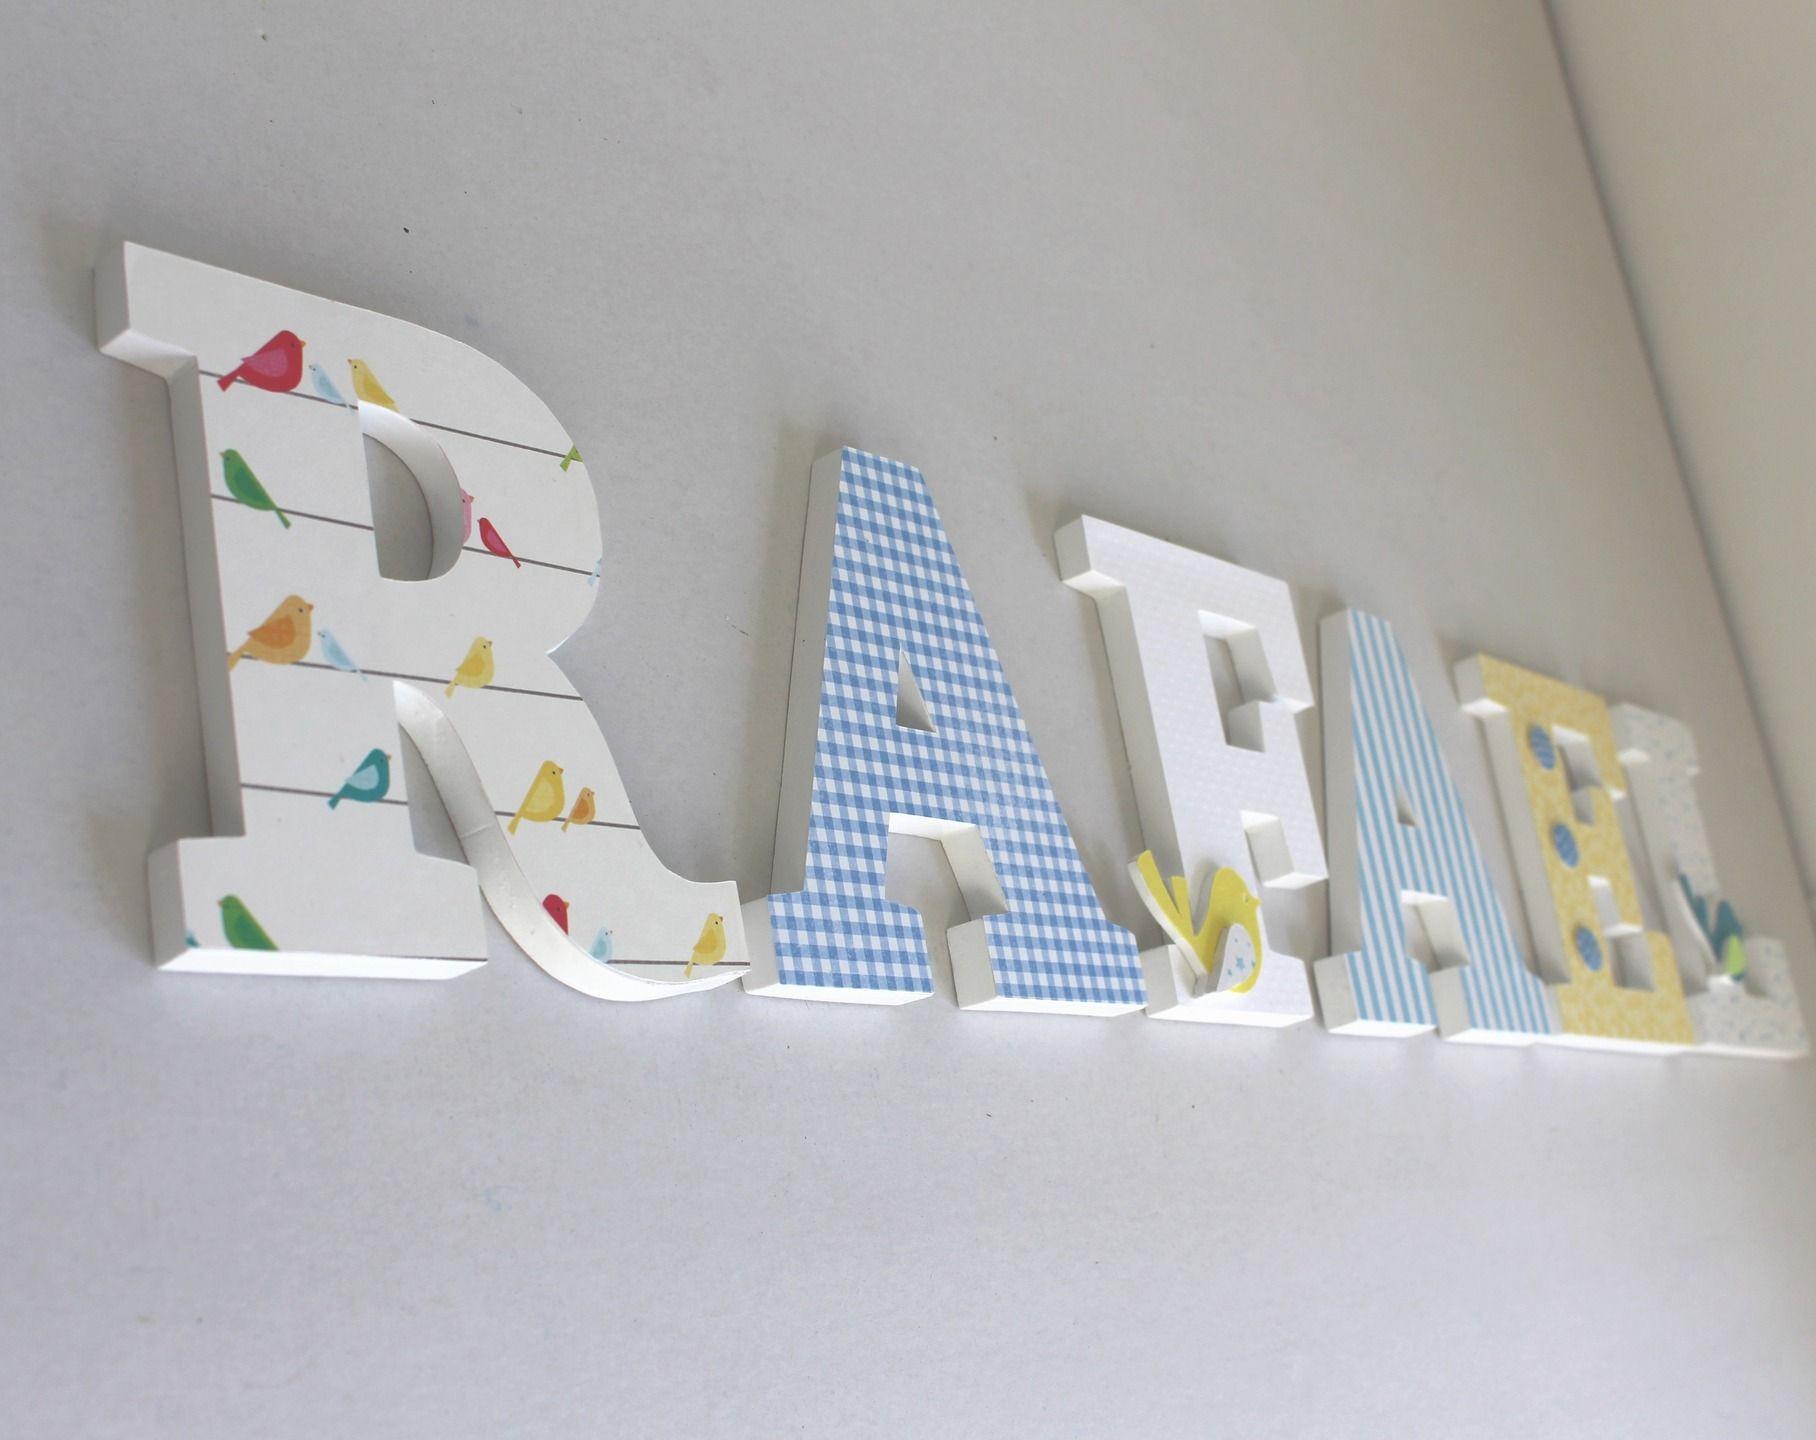 lettres en bois RAFAEL tons bleu jaune blanc avec des oiseaux